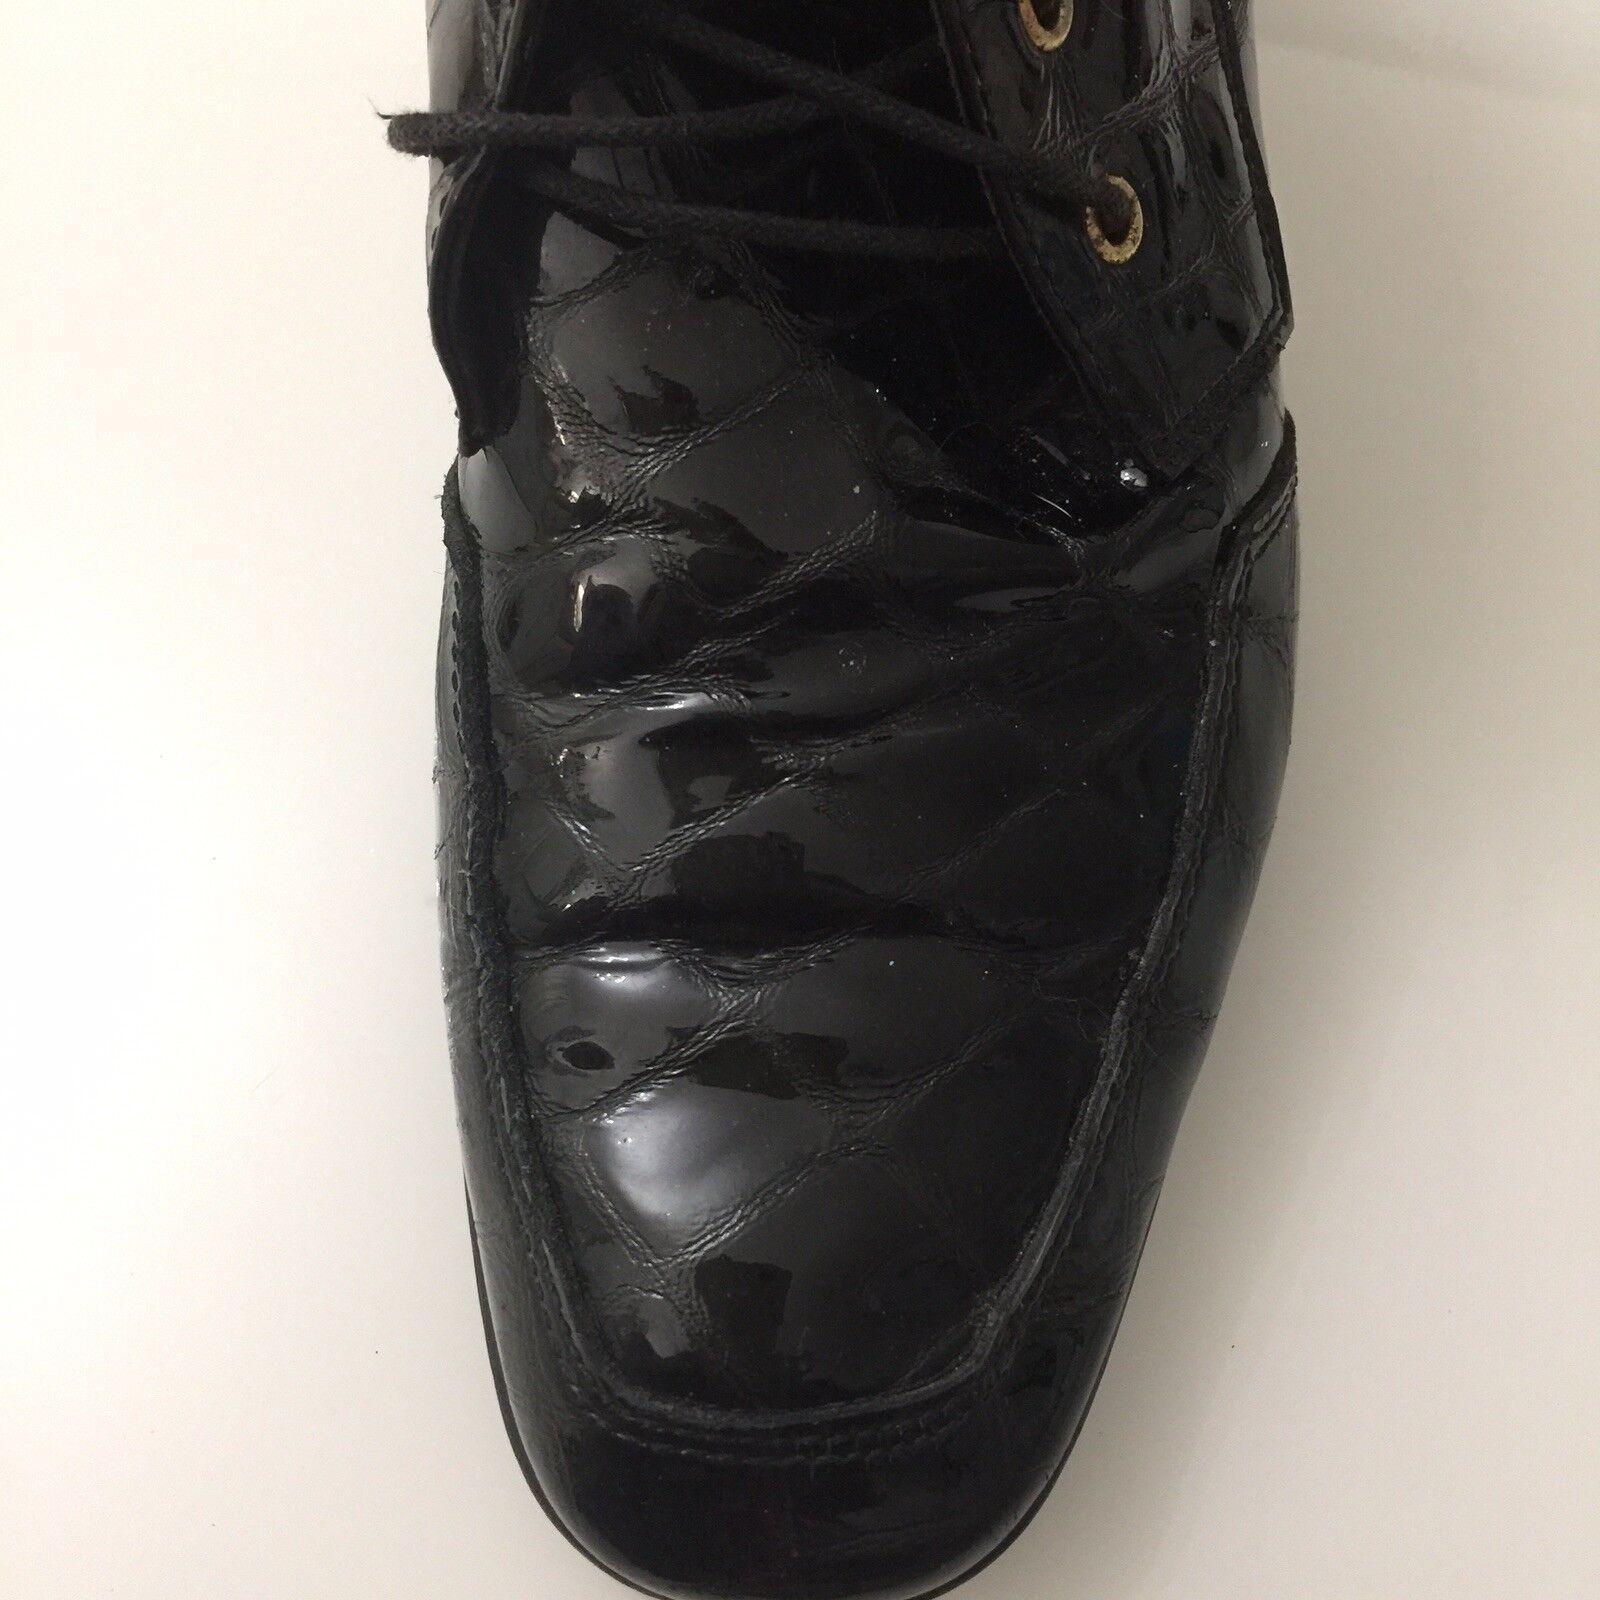 Bottines Bottines Bottines Femmes Taille 5.5 noir cuir verni TRICKERS lacets Boucle Sangle Très bon état e886a5